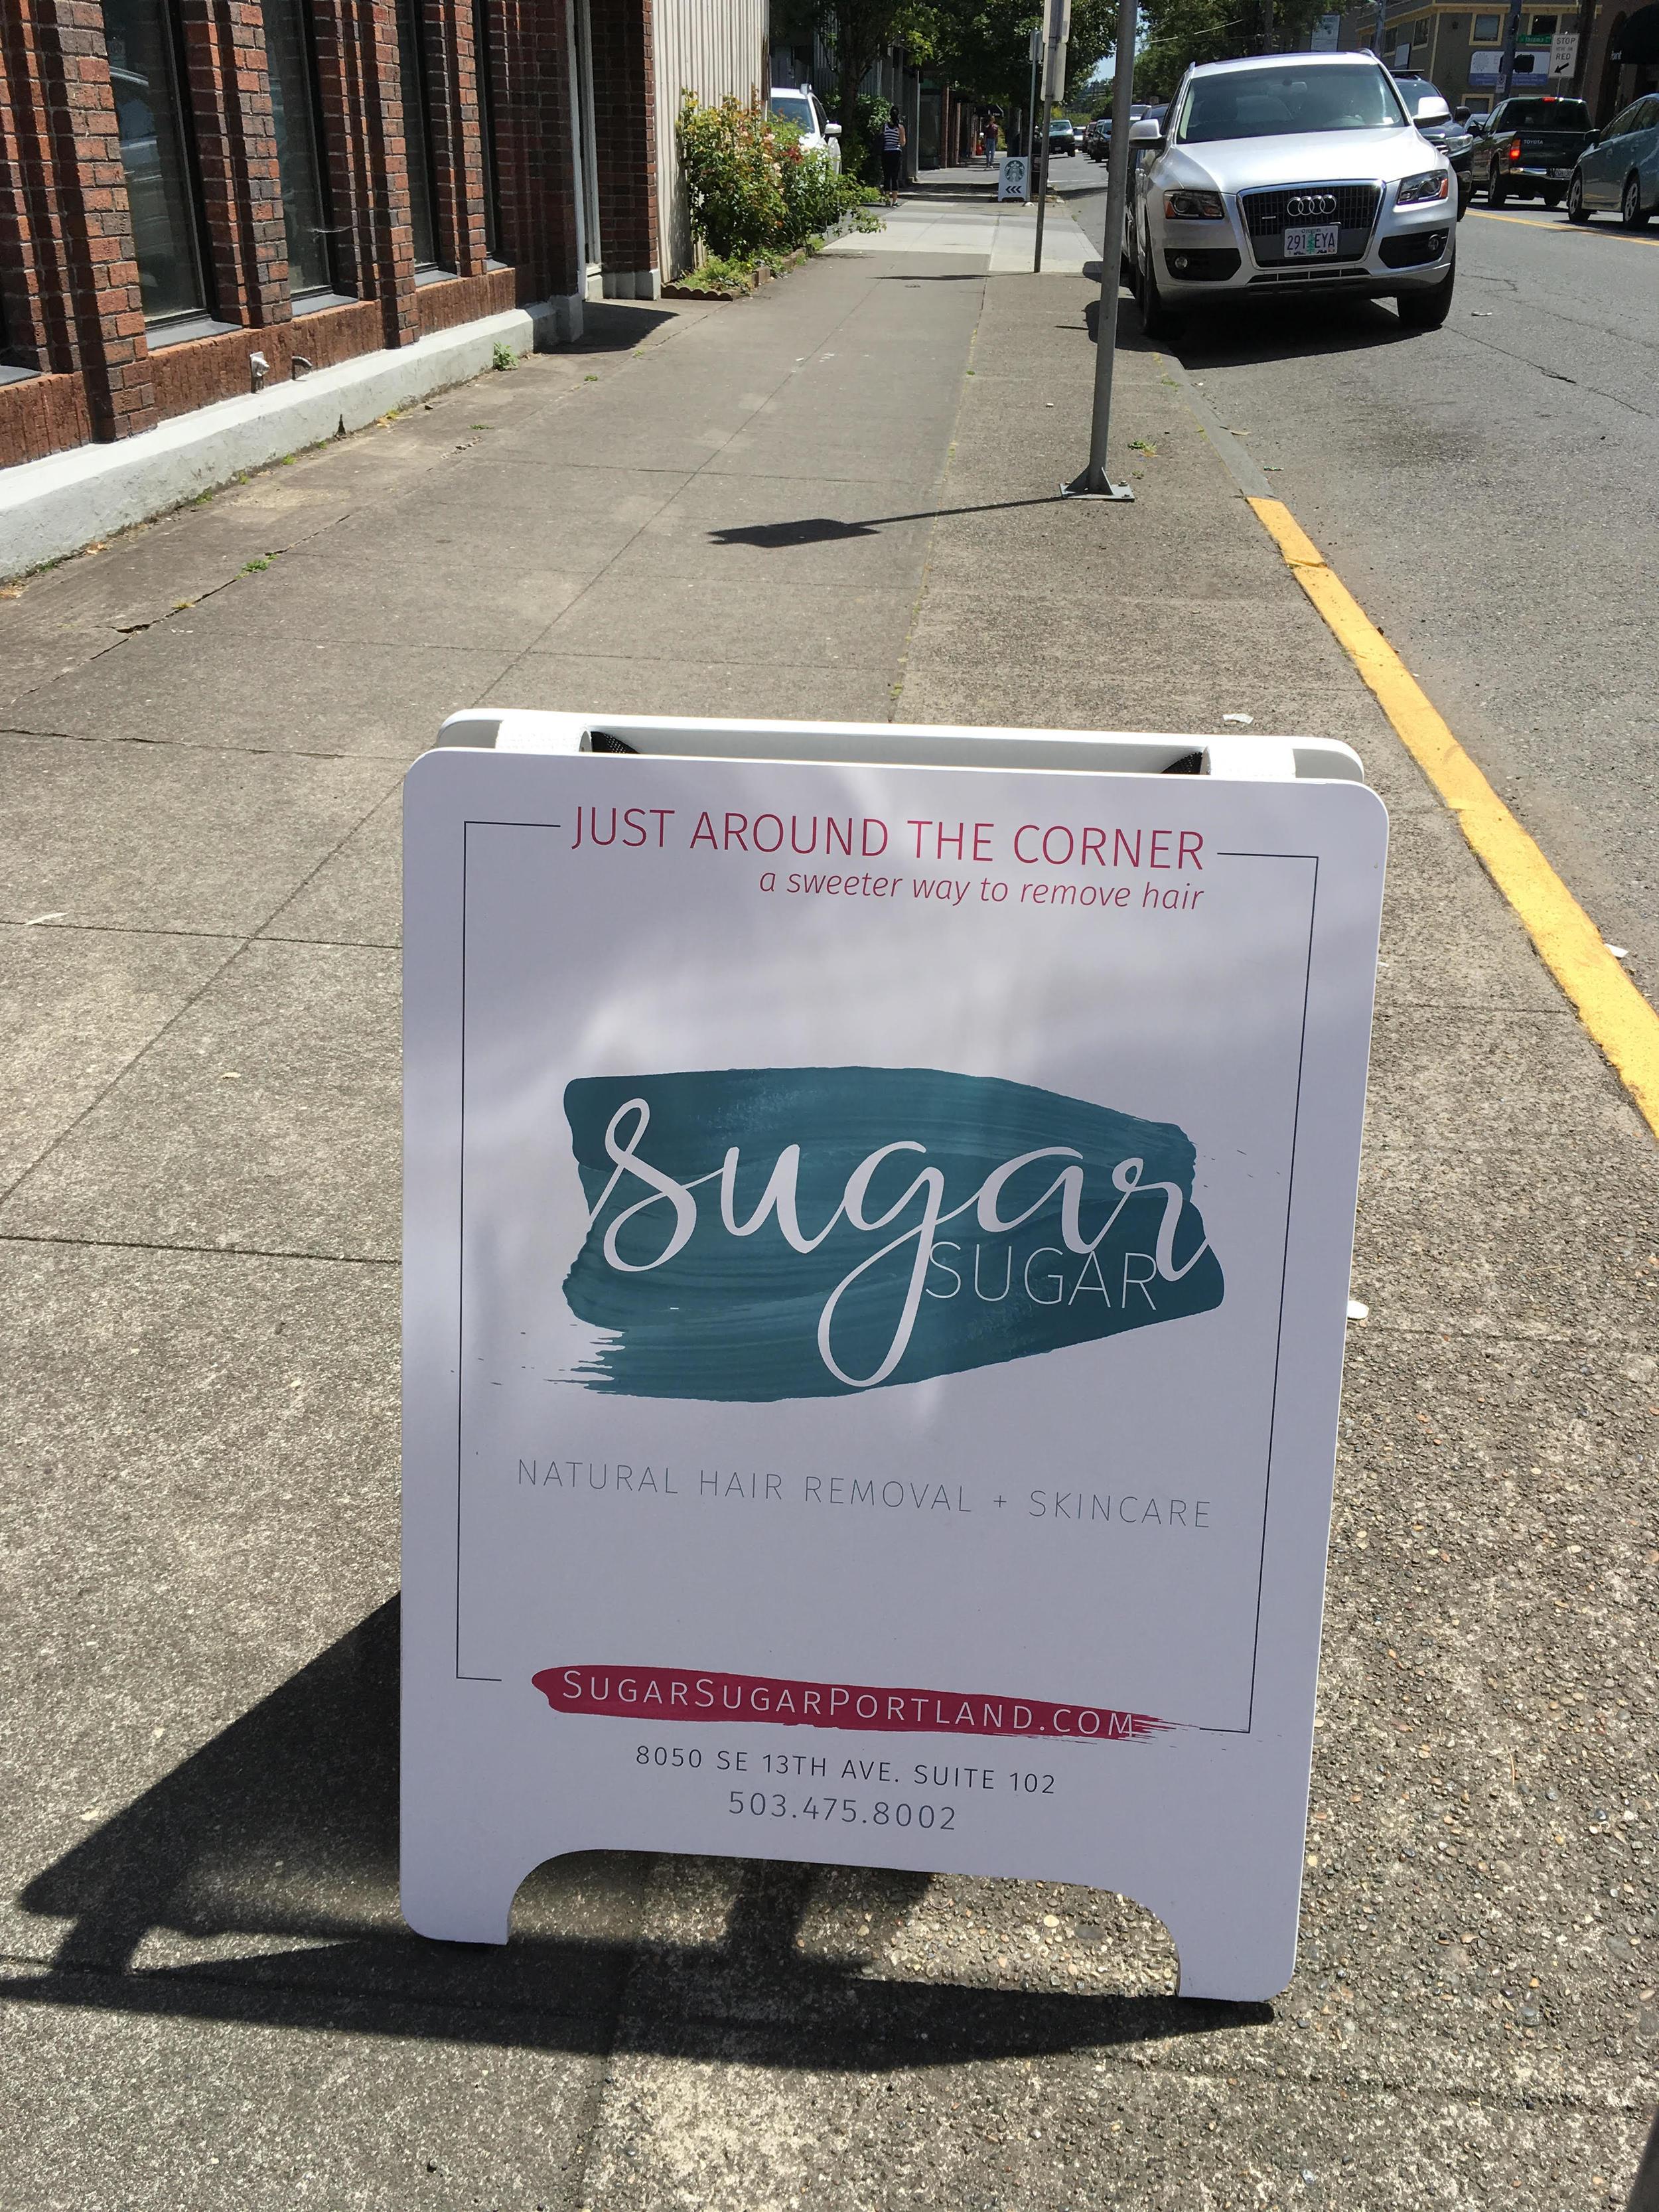 Sugar Sugar Portland, Retail A-Frame Sign designed by Brightly & Co.